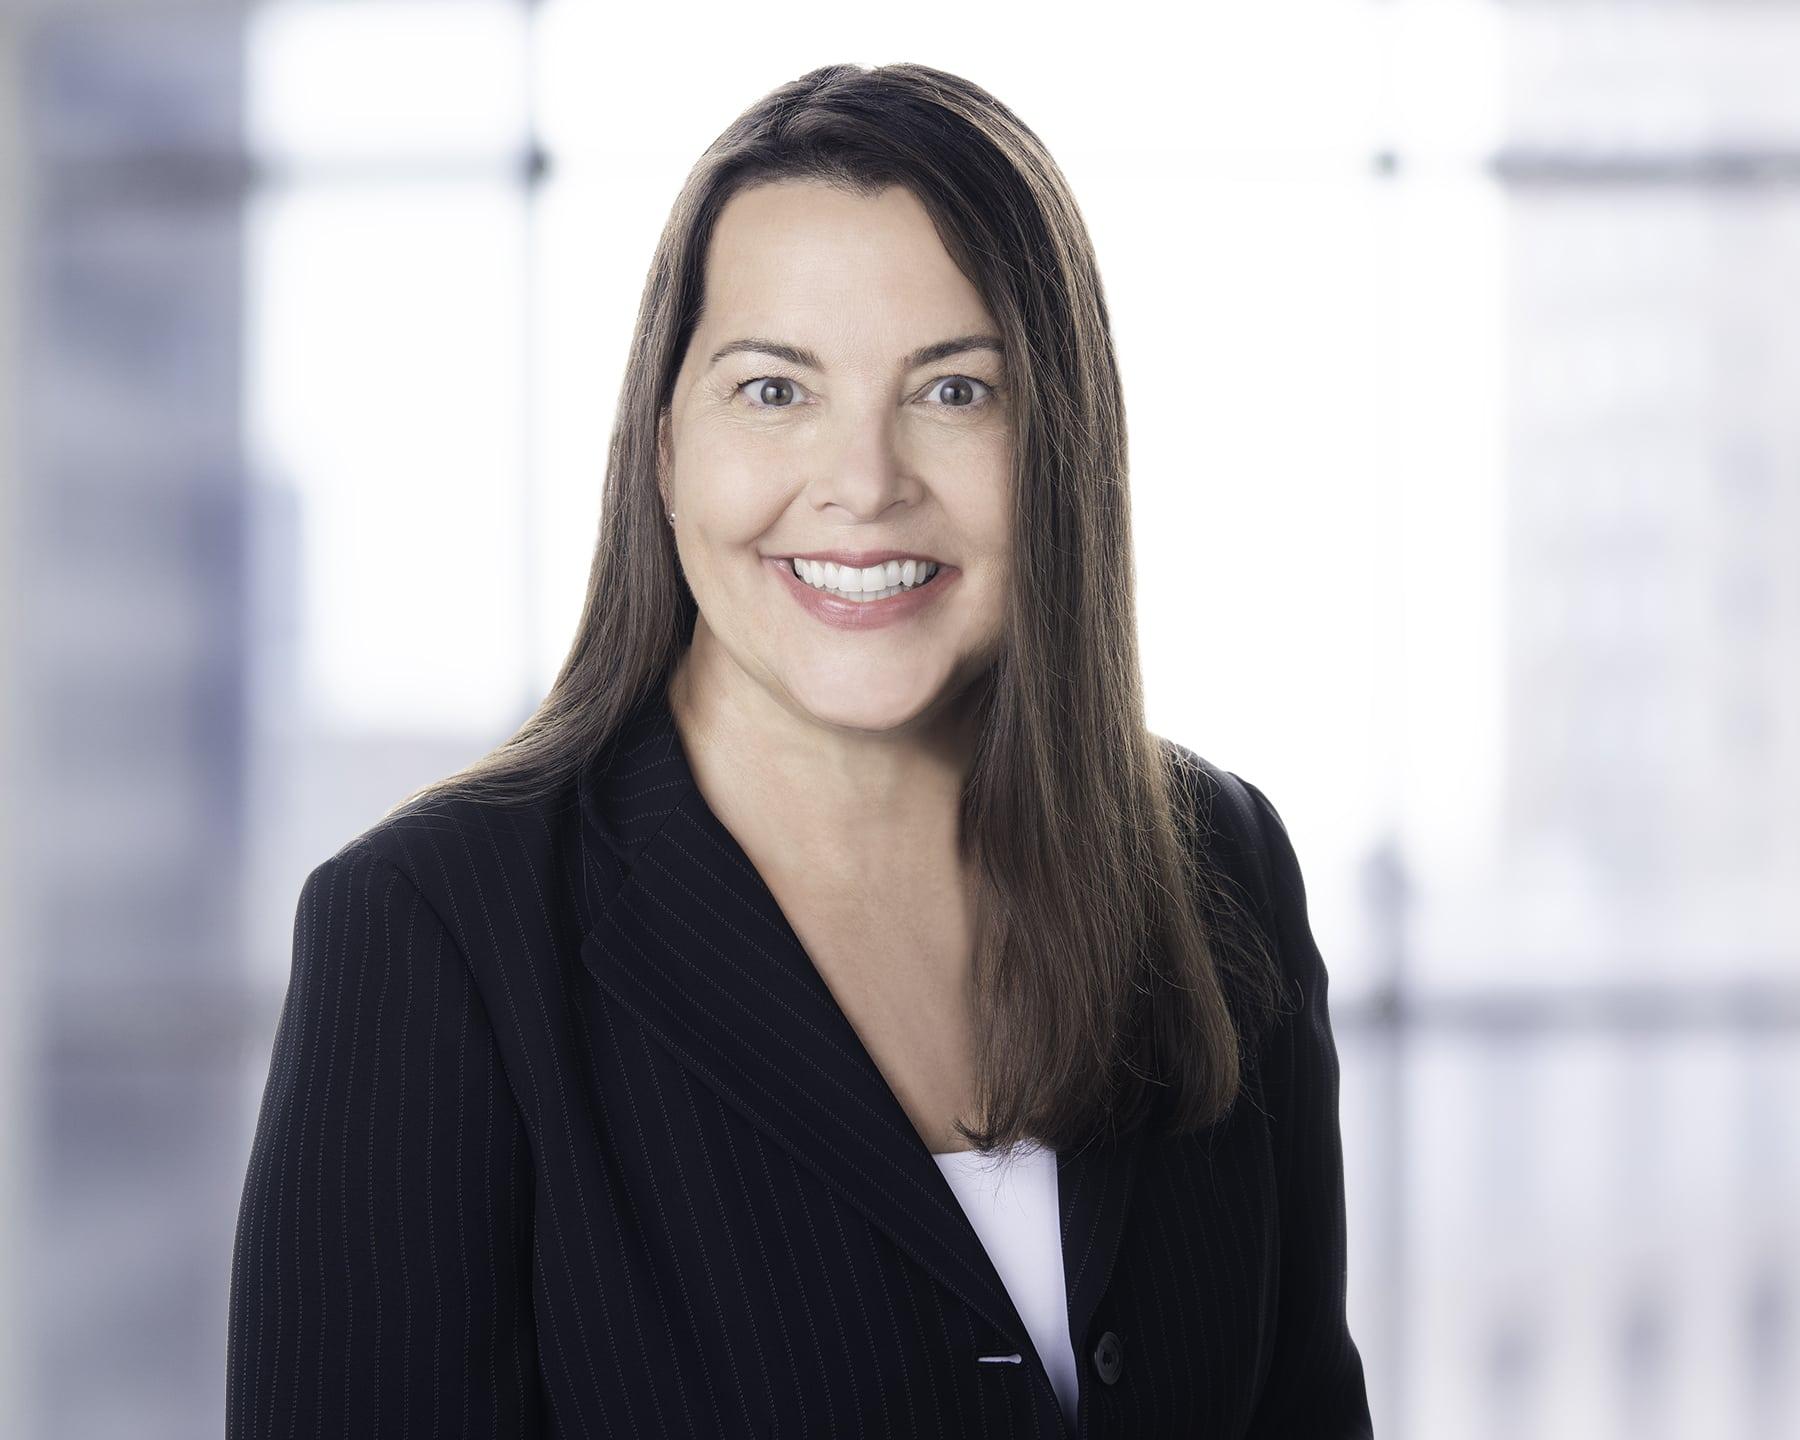 Eileen Timmins